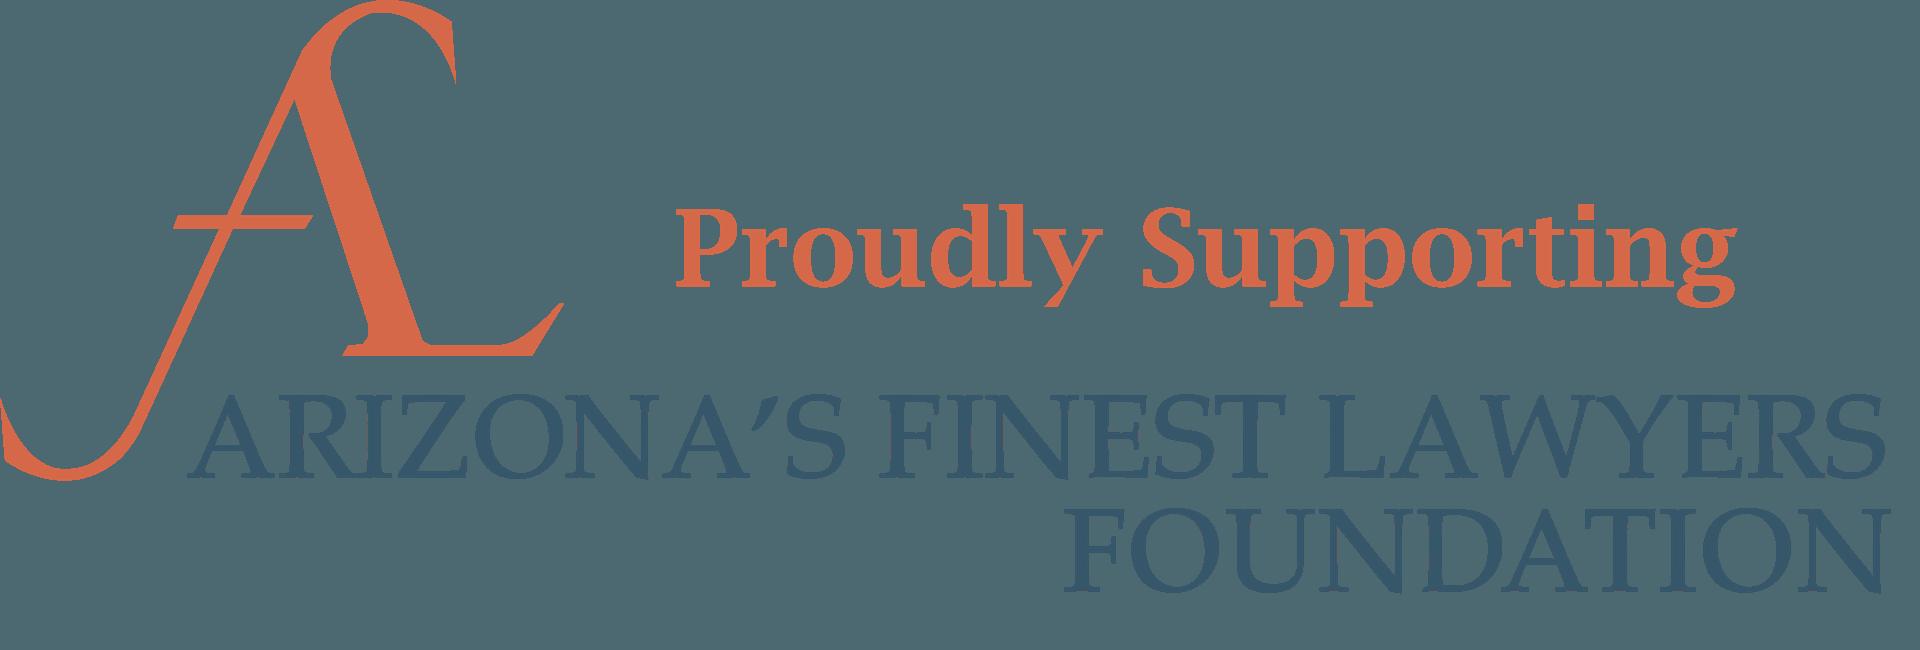 Arizona's Finest Lawyers